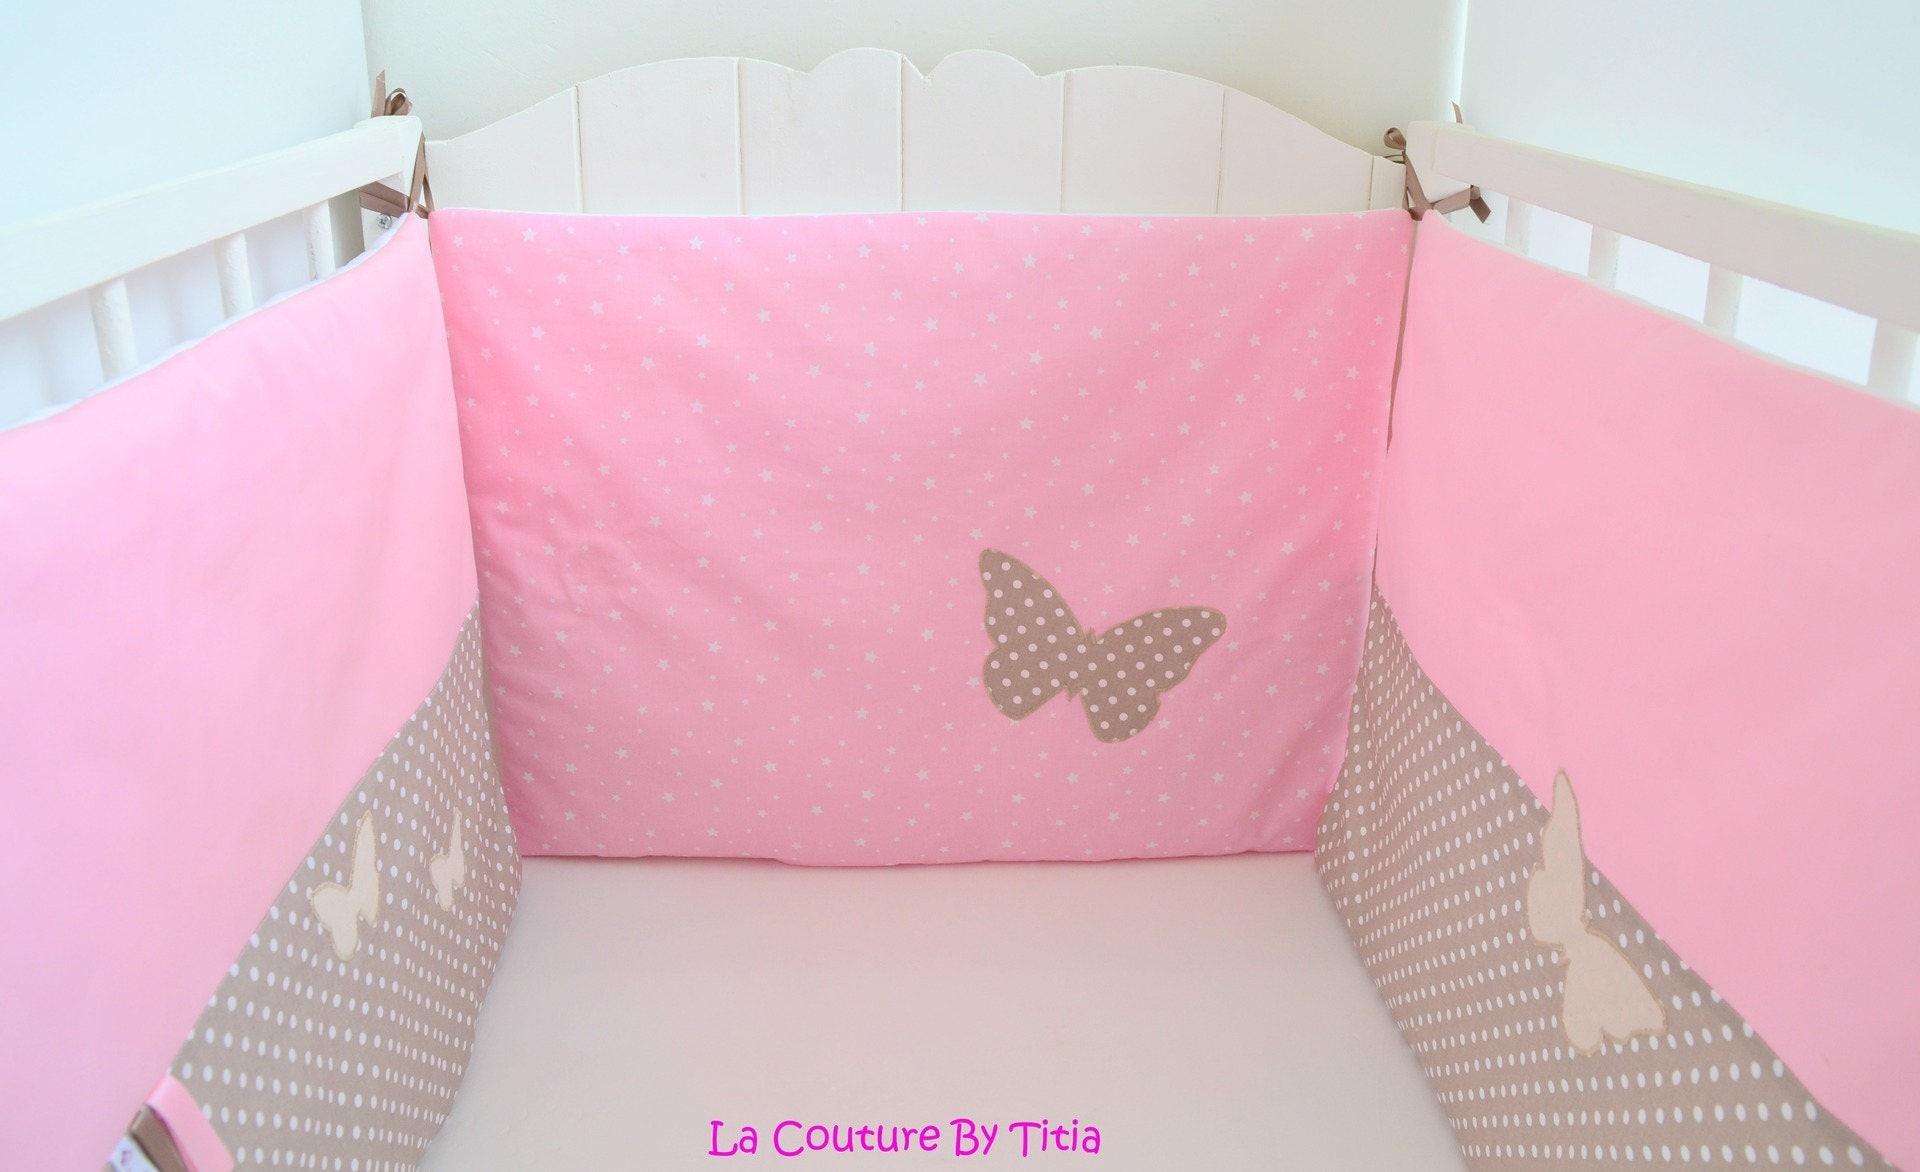 tour de lit fait main papillon taupe pois beige et rose. Black Bedroom Furniture Sets. Home Design Ideas